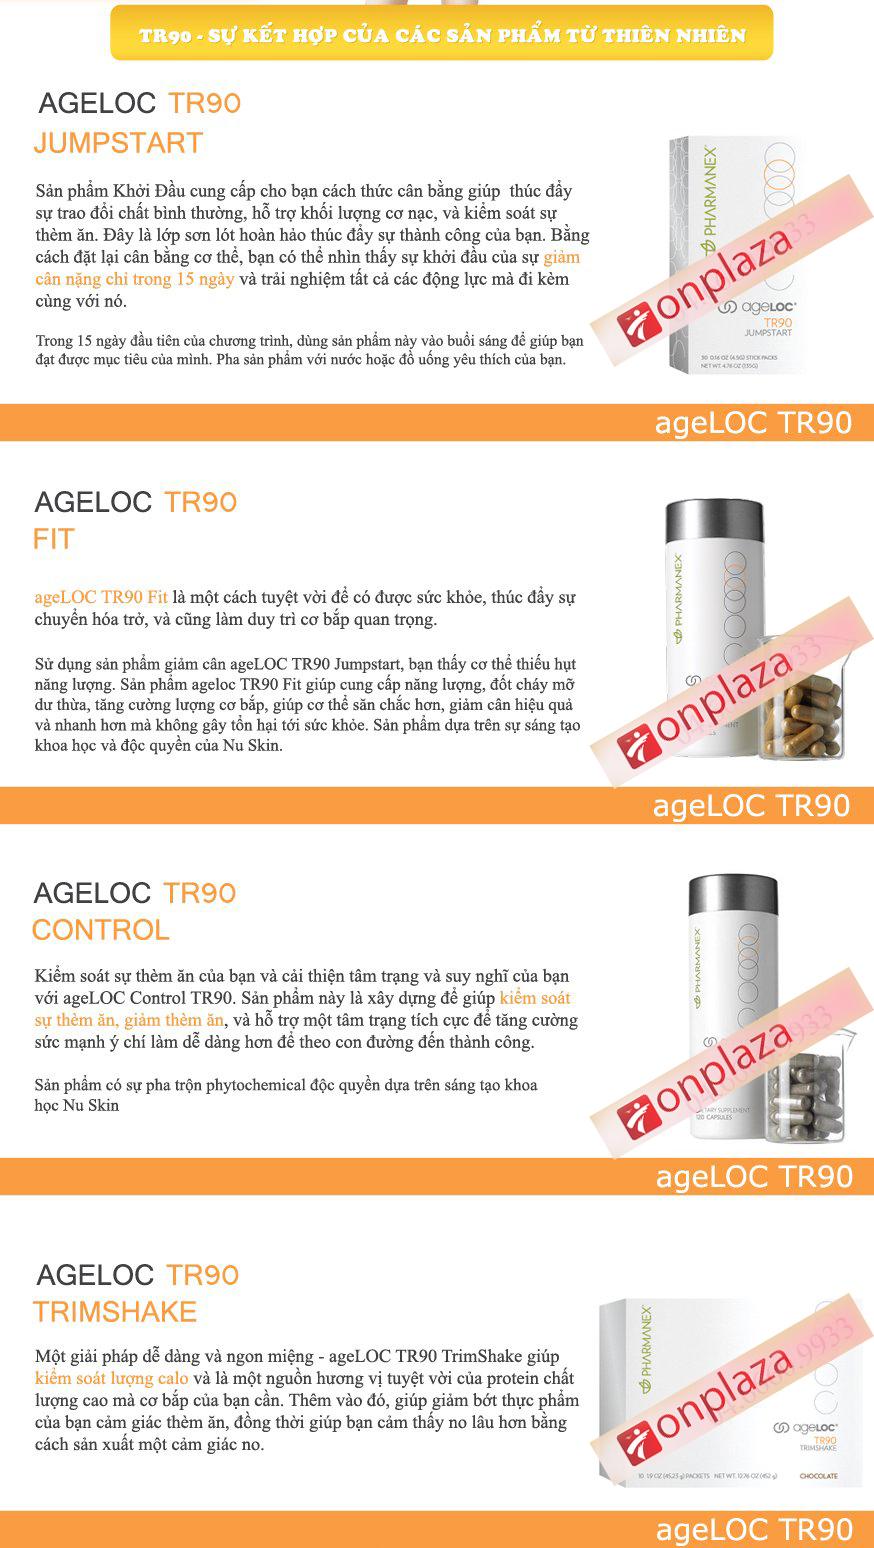 bo-giam-can-so-1-the-gioi-ageloc-tr90-2